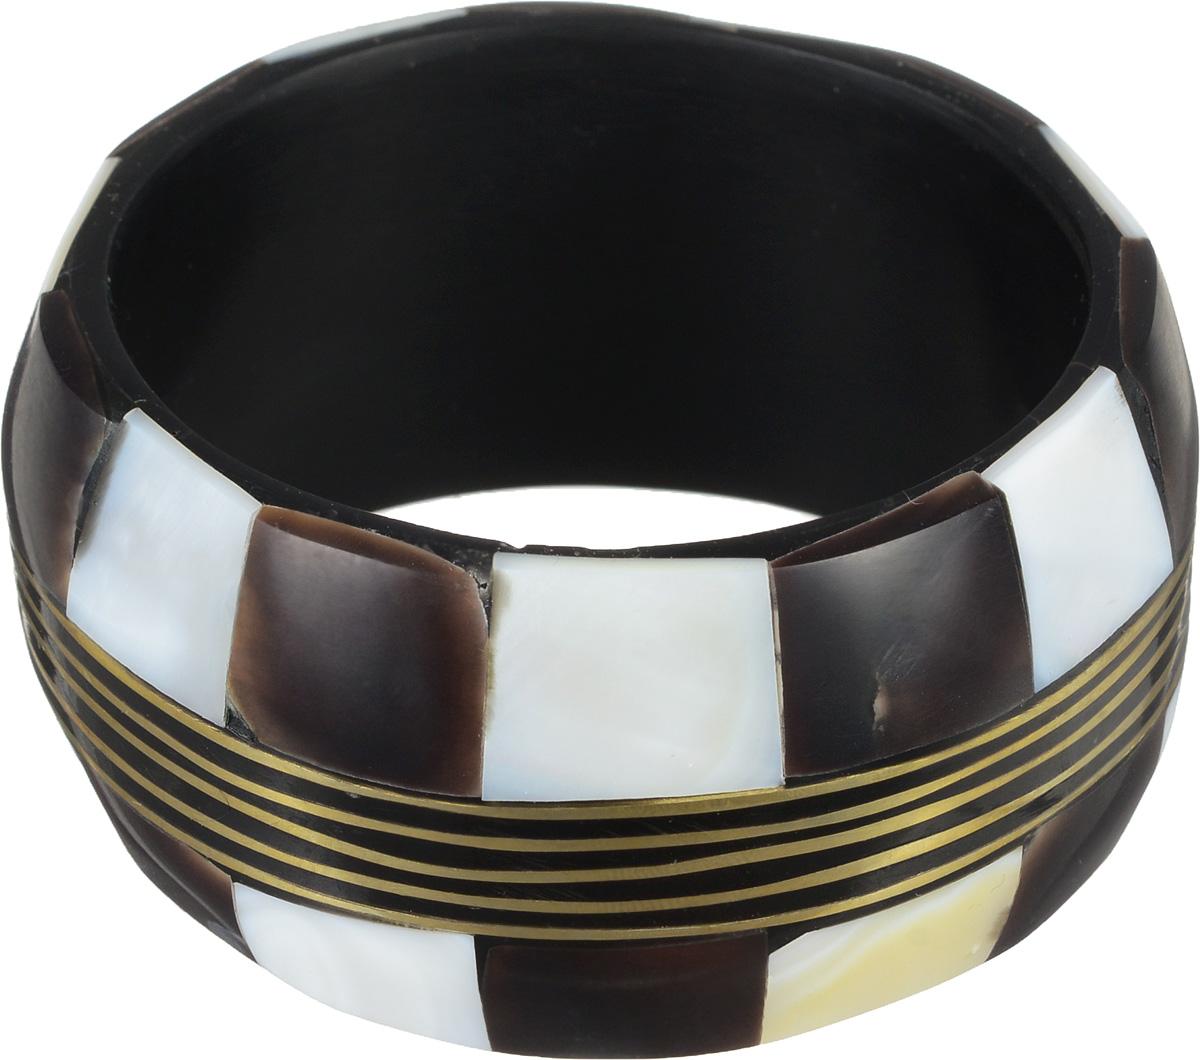 Браслет Mindora. 40050810Глидерный браслетОригинальный браслет Mindora выполнен из пальмового дерева и декорирован ракушкой. Такой браслет позволит вам с легкостью воплотить самую смелую фантазию и создать собственный, неповторимый образ. Характеристики:Материал: пальмовое дерево, ракушка. Диаметр браслета: 6 см. Ширина браслета: 4 см.